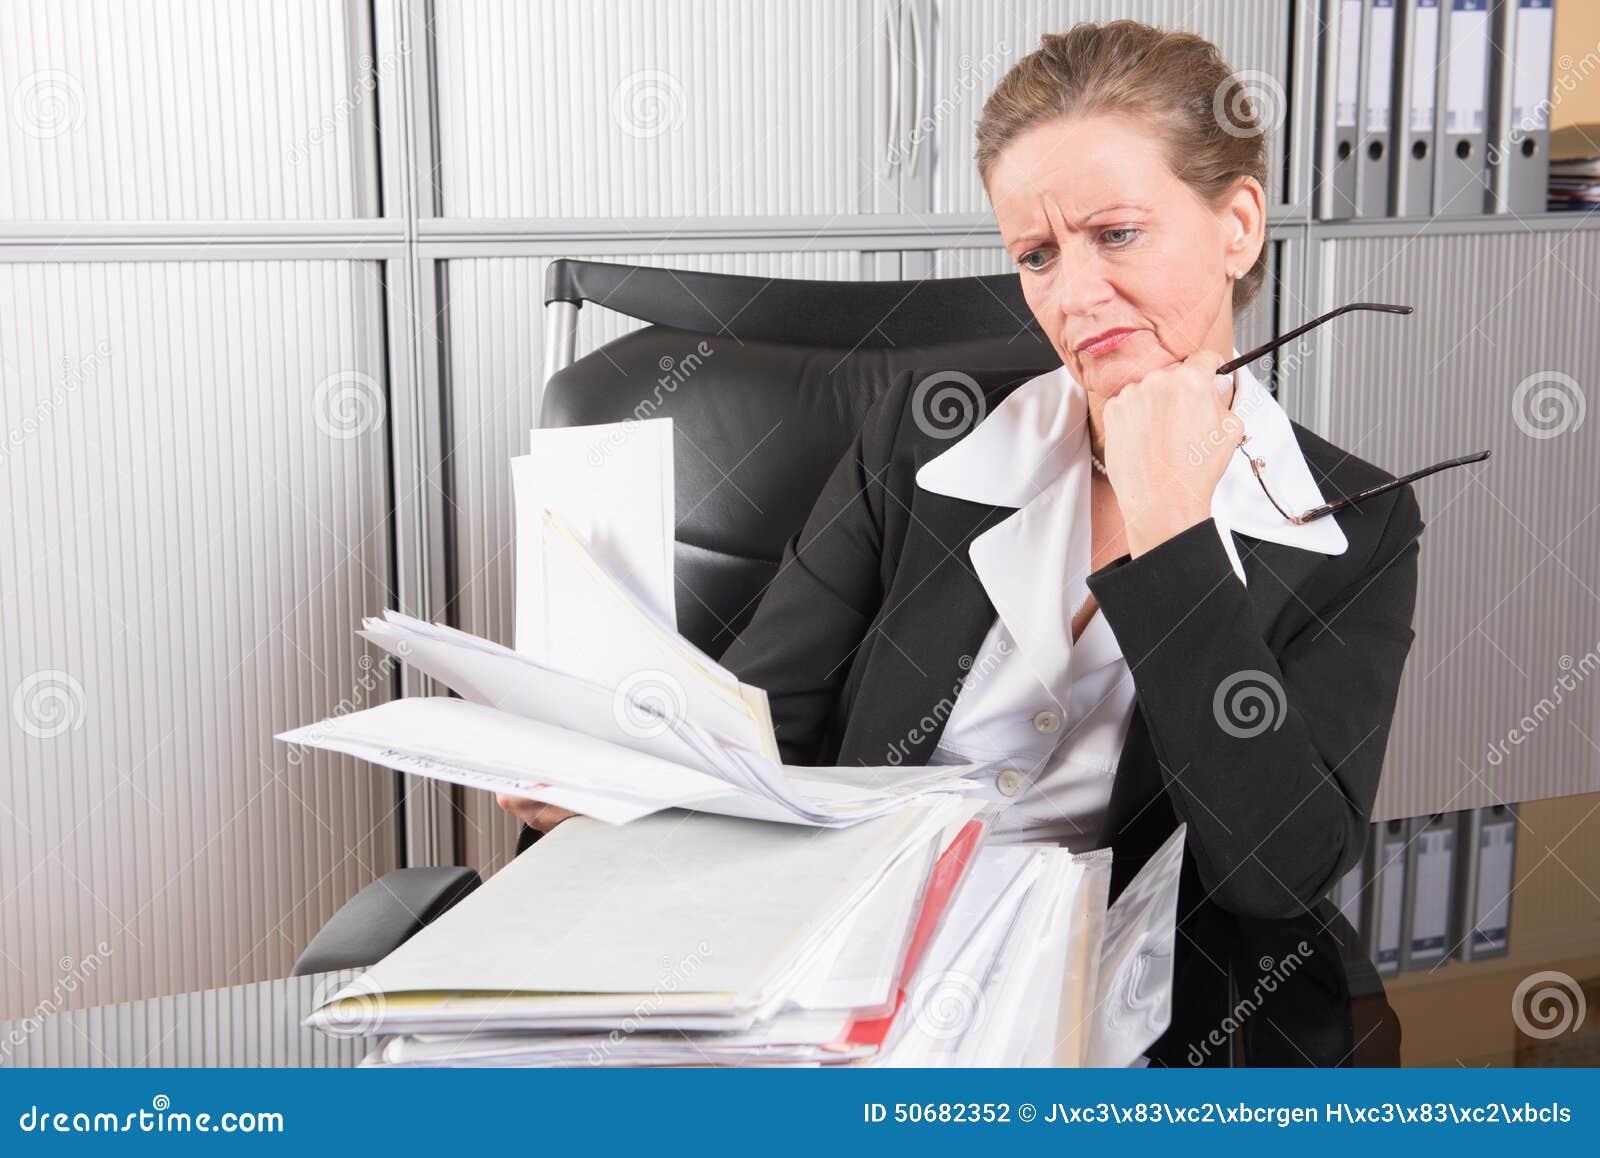 chef f minin dans le bureau avec trop de travail photo stock image 50682352. Black Bedroom Furniture Sets. Home Design Ideas